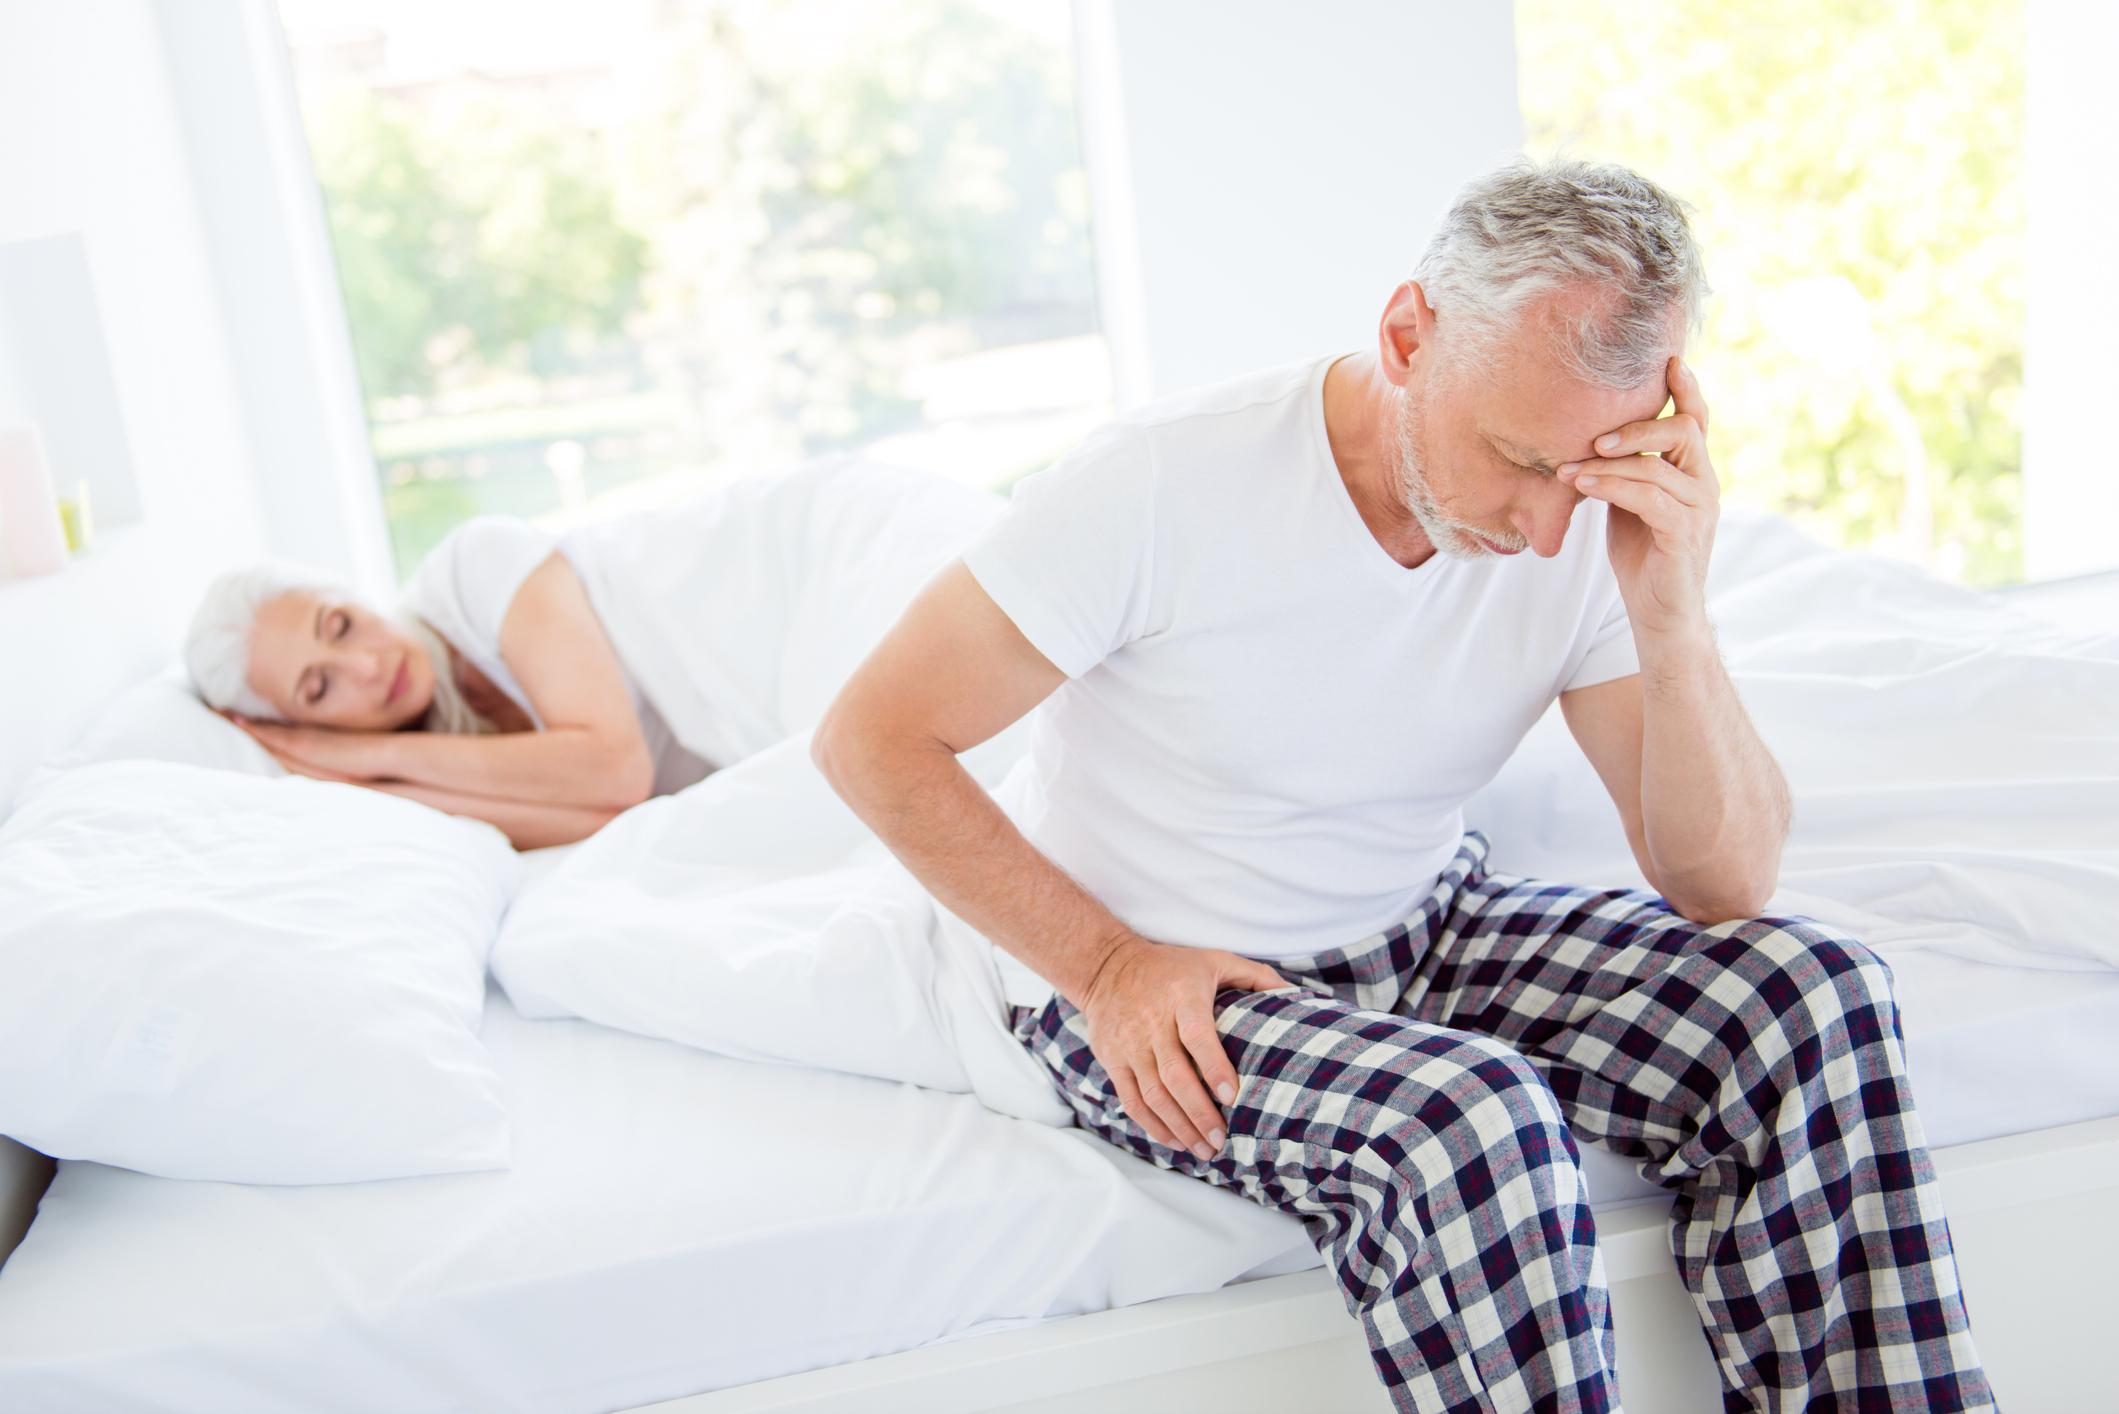 Untangling the Alzheimer's/sleep apnea connection